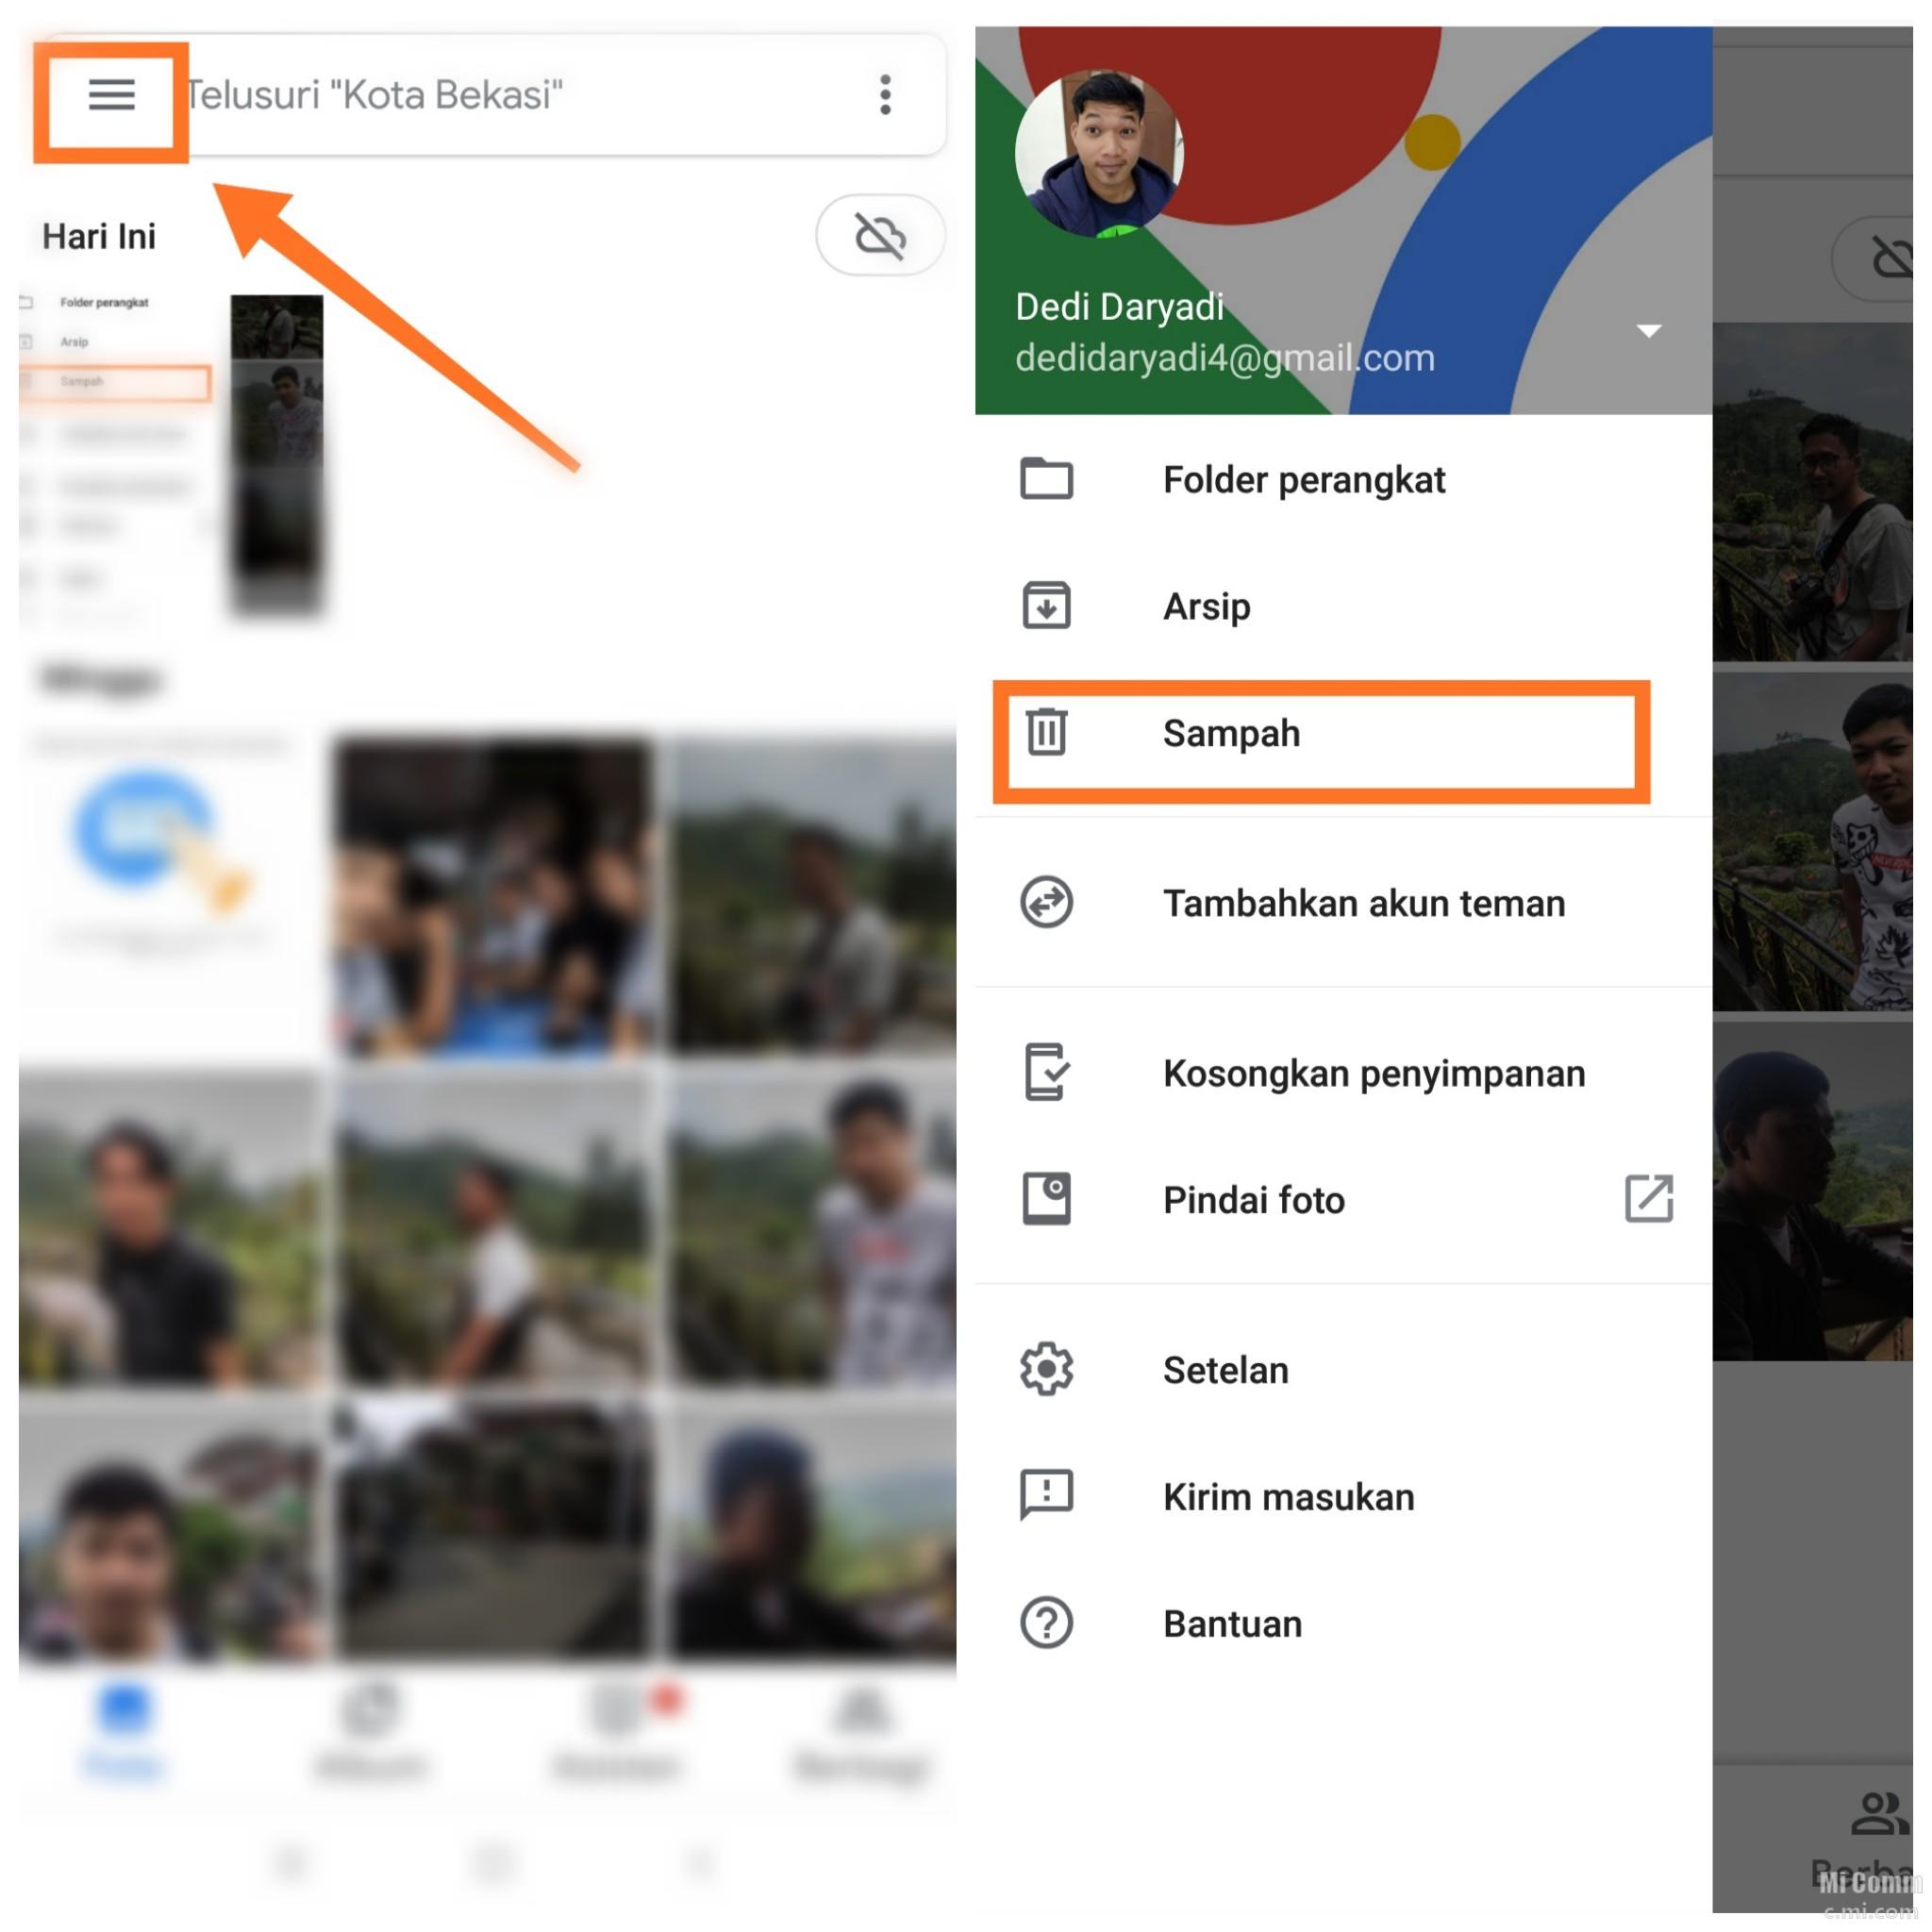 Cara Mengembalikan Foto Yang Terhapus Di Android Tanpa Pakai Pc Majalah Mi Community Xiaomi